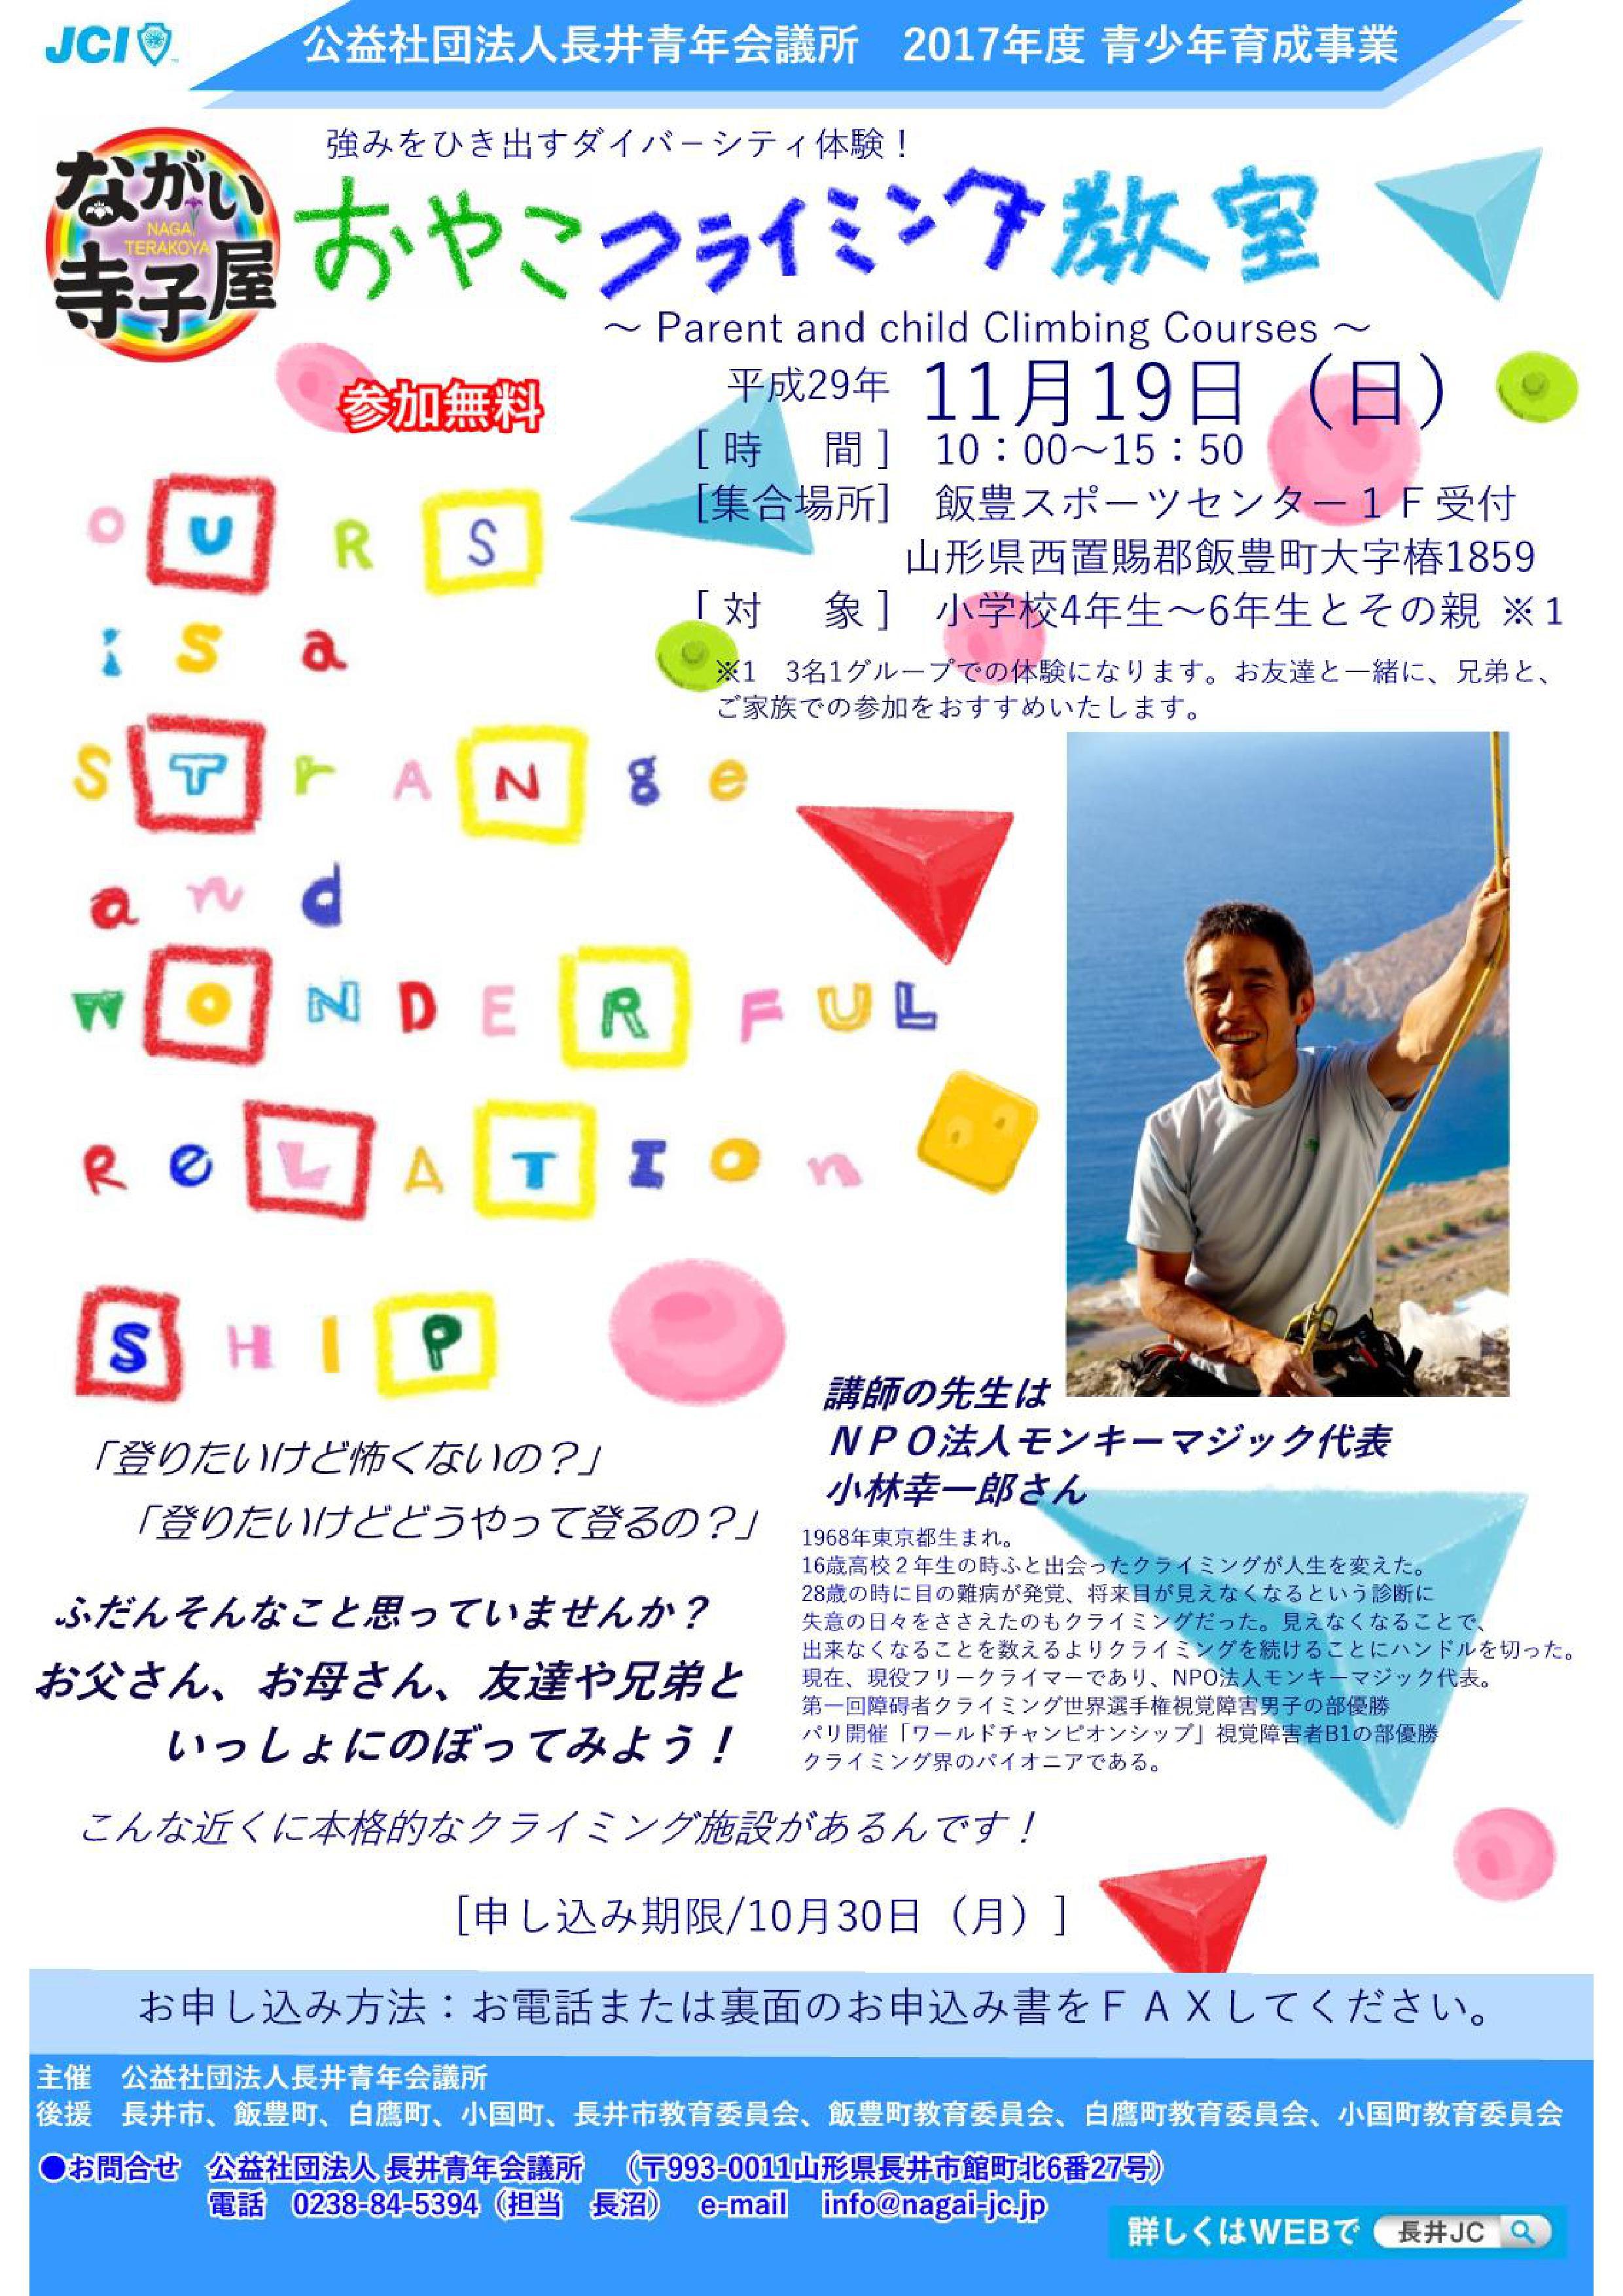 11月19日(日)ながい寺子屋 おやこクライミング教室:画像